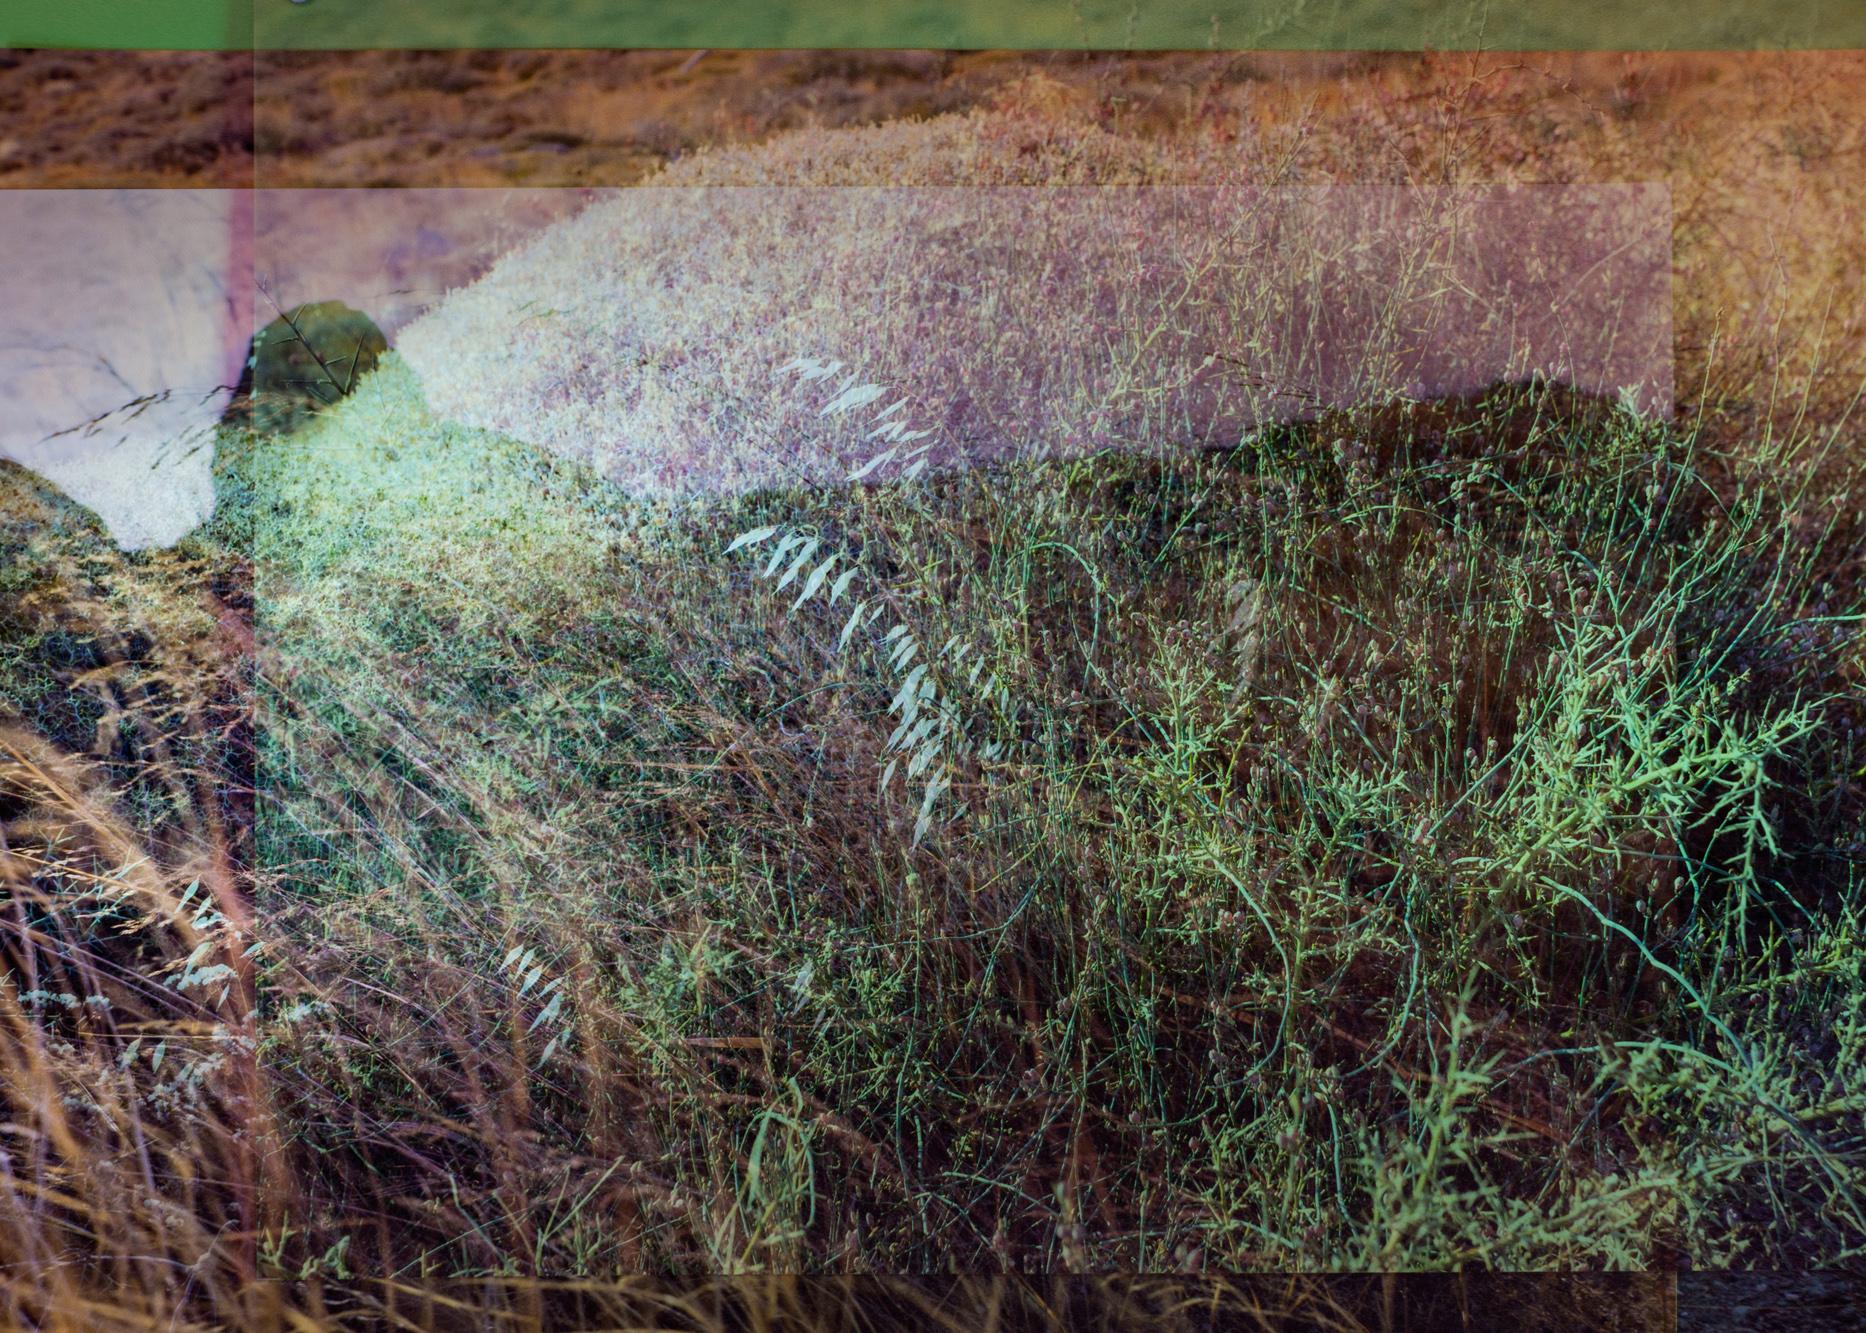 Diffraction Landscape #1649